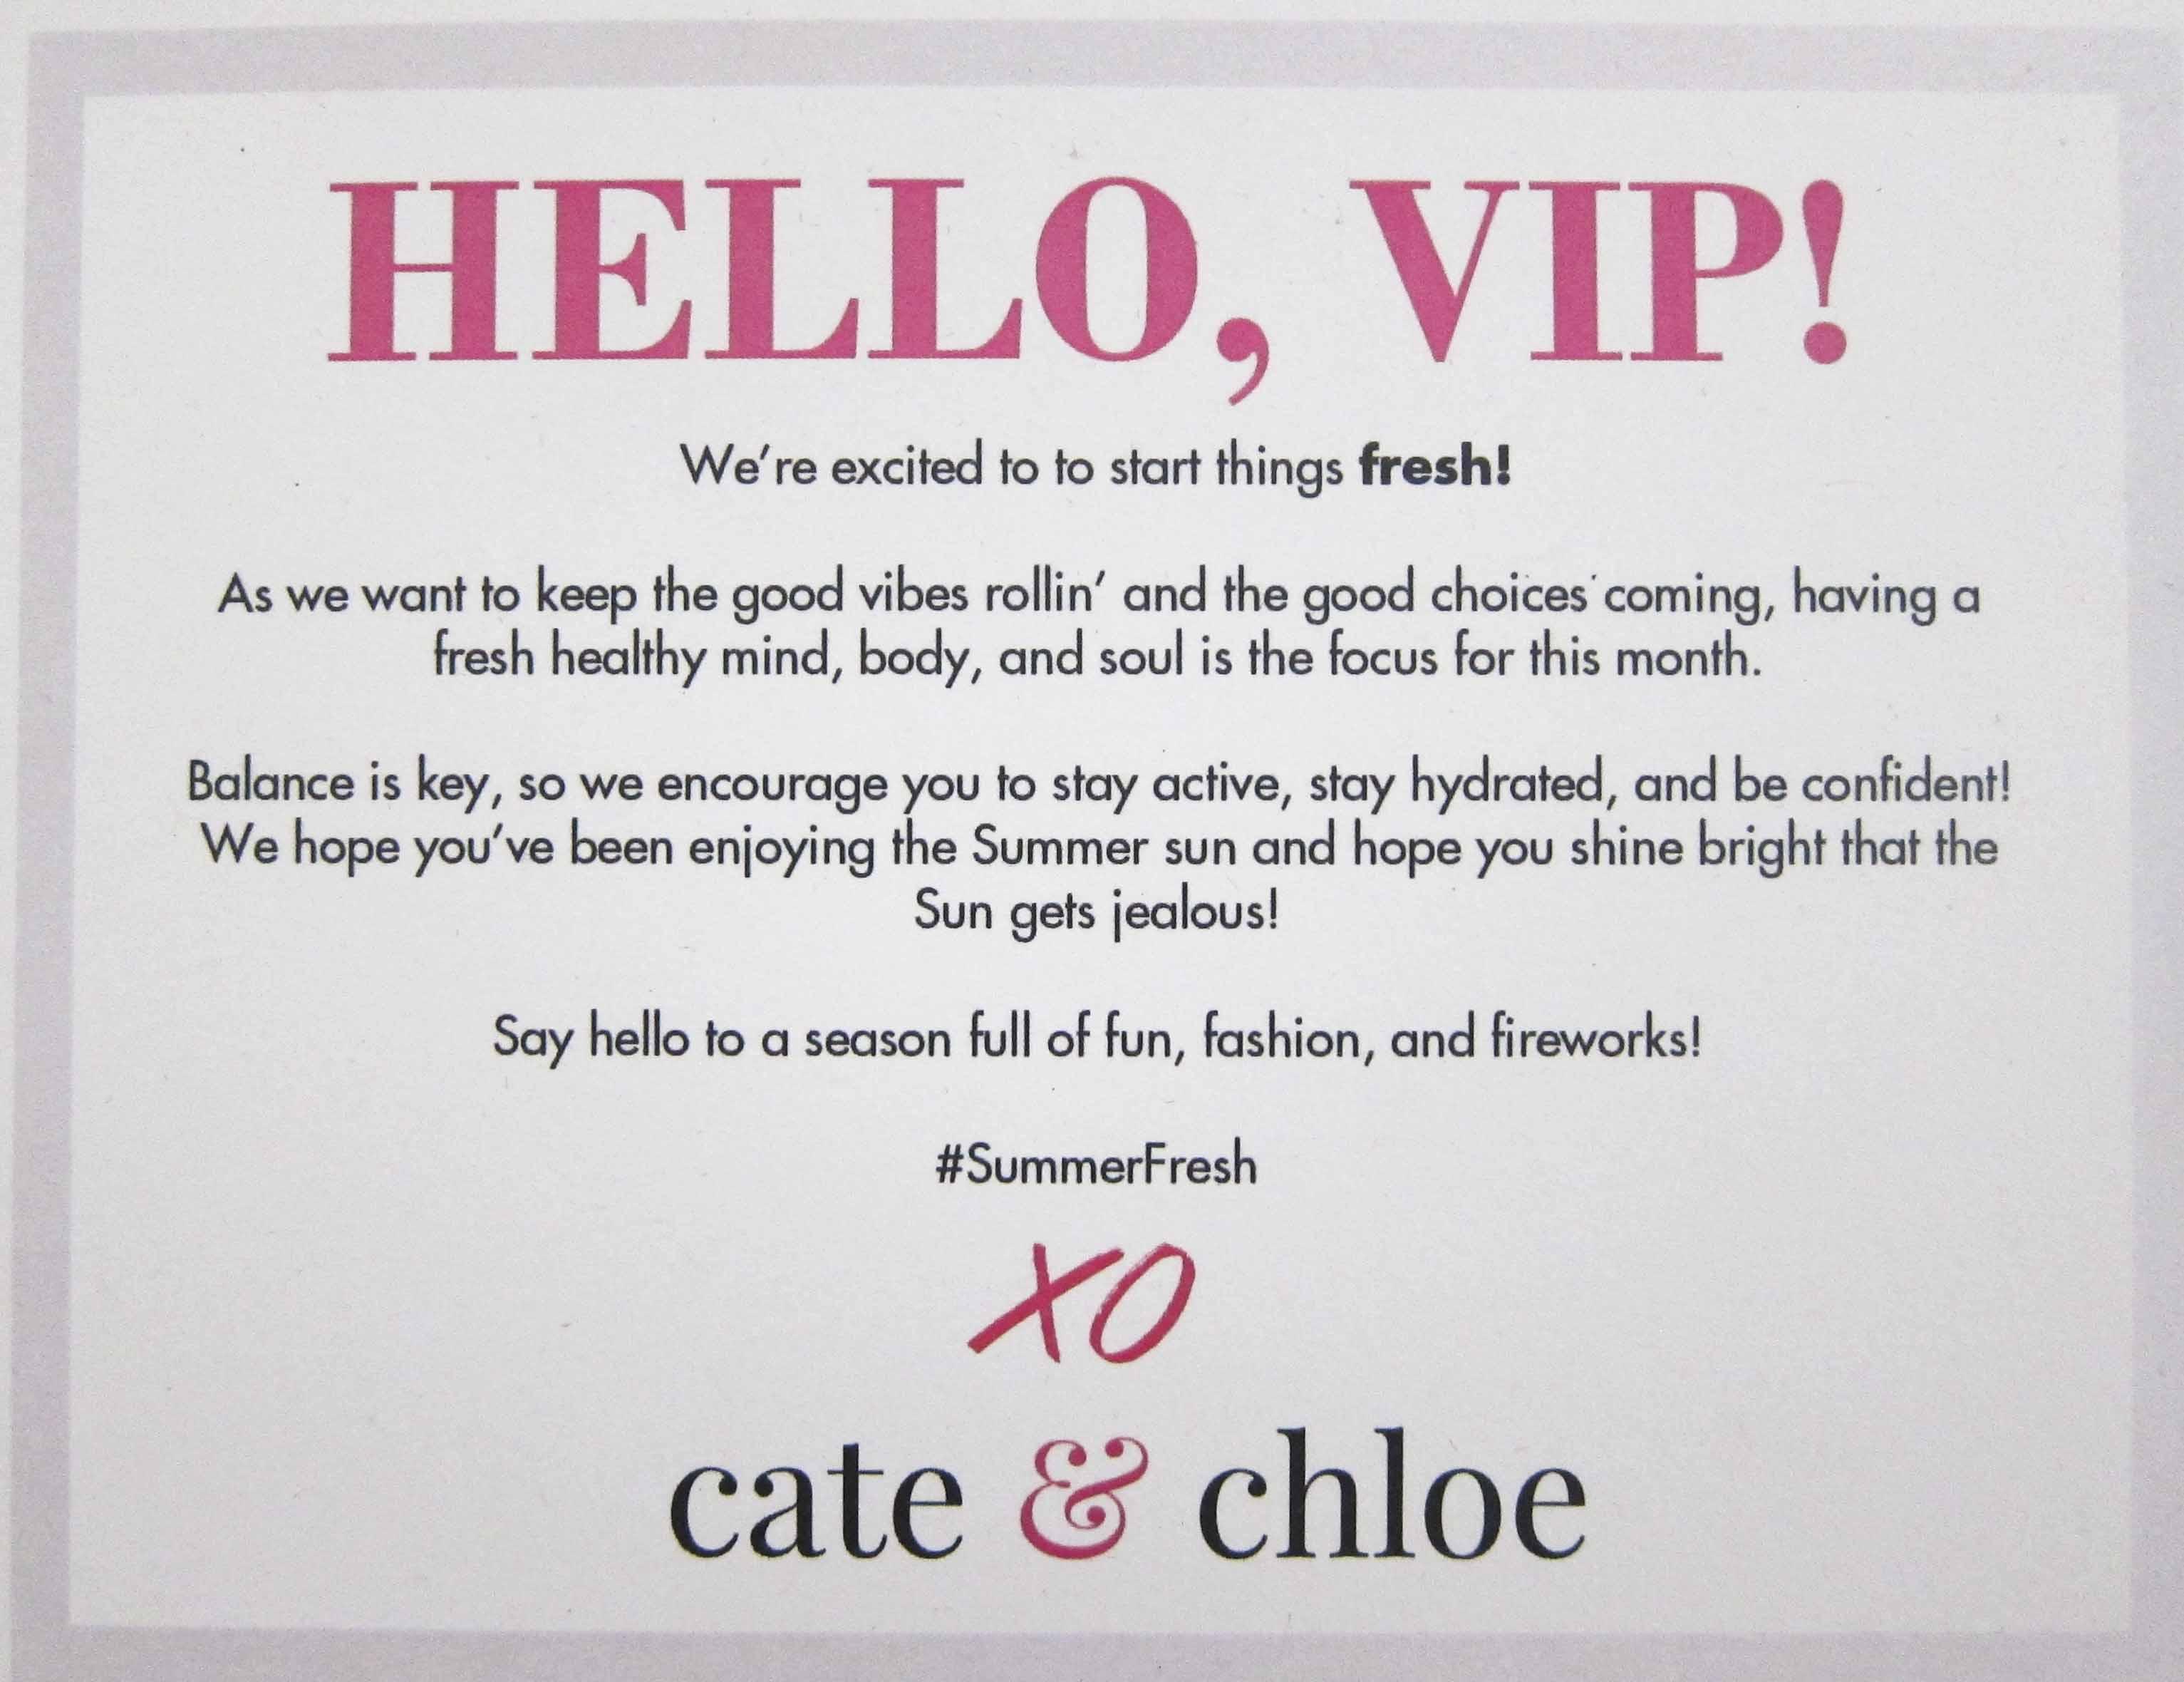 Cate & Chloe VIP July 2016 Info Card